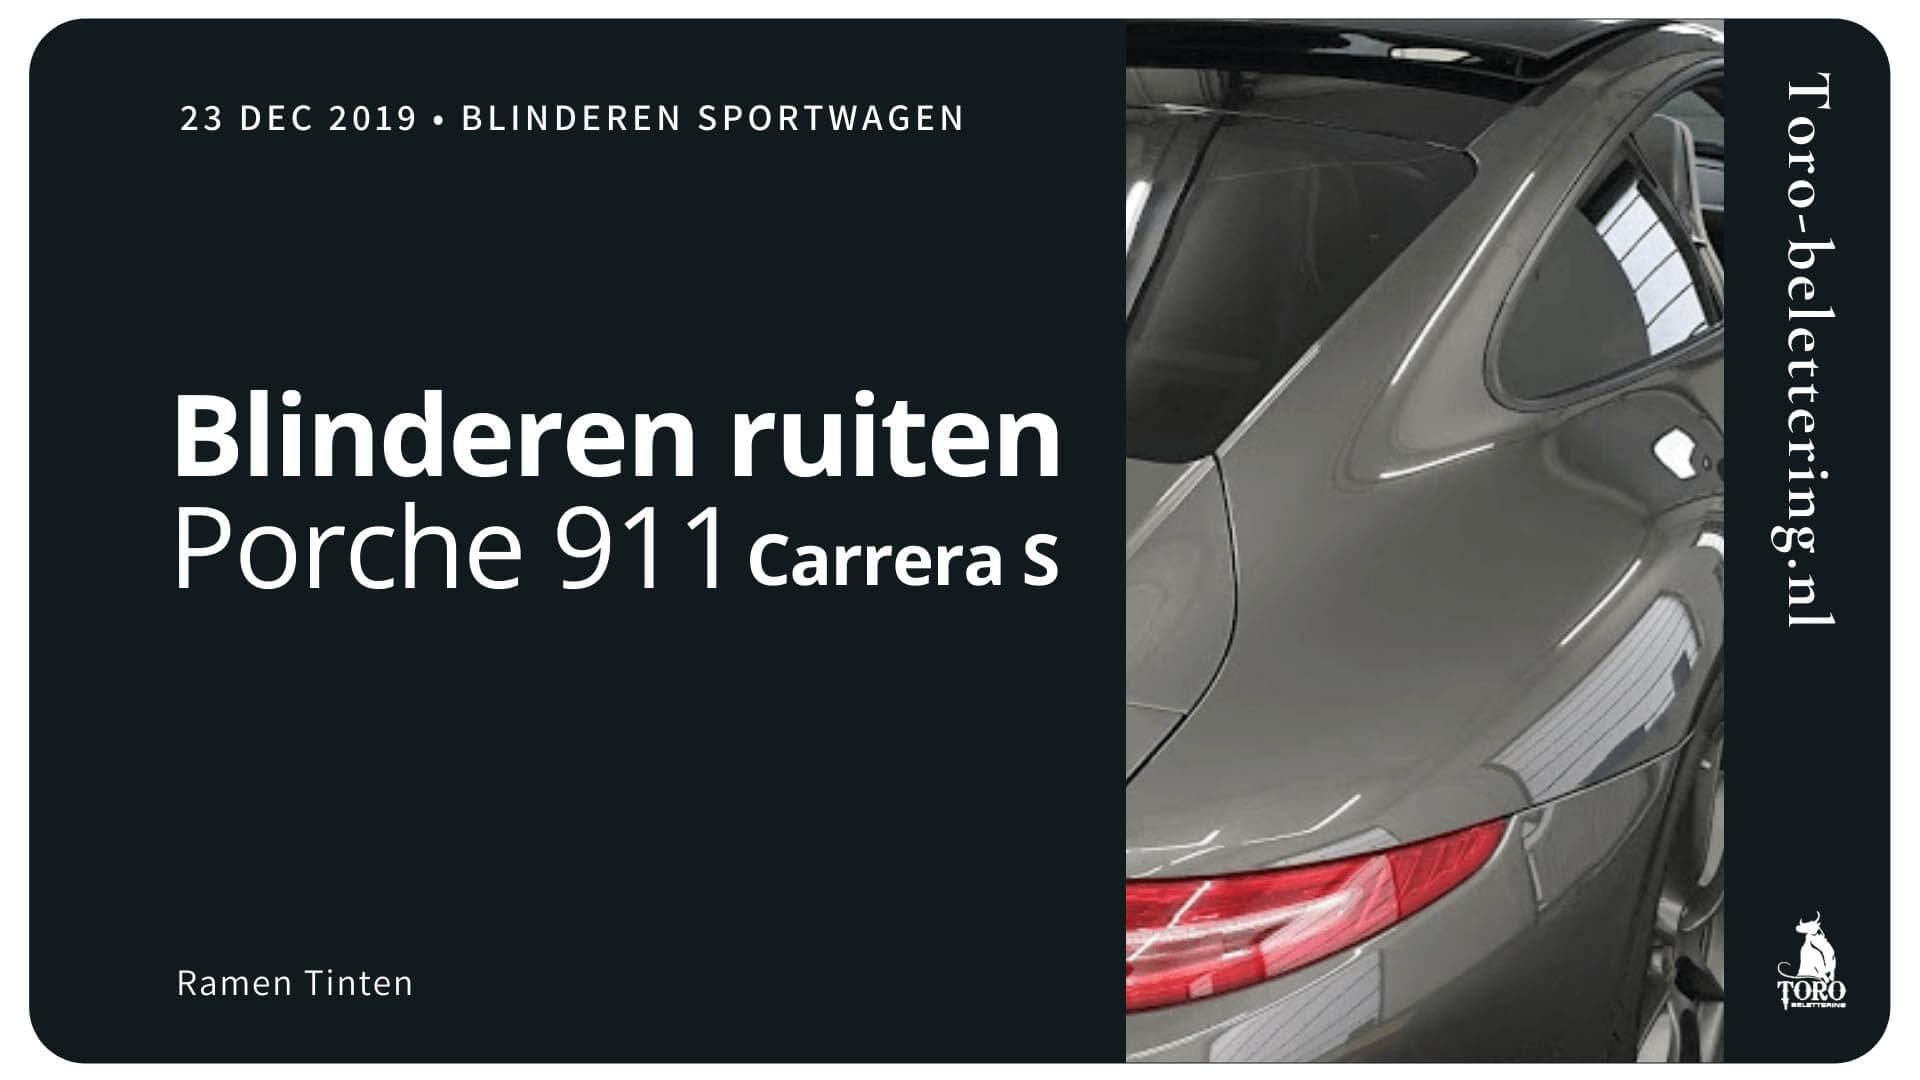 Blinderen ruiten Sportwagen Porche 911 Carrera S